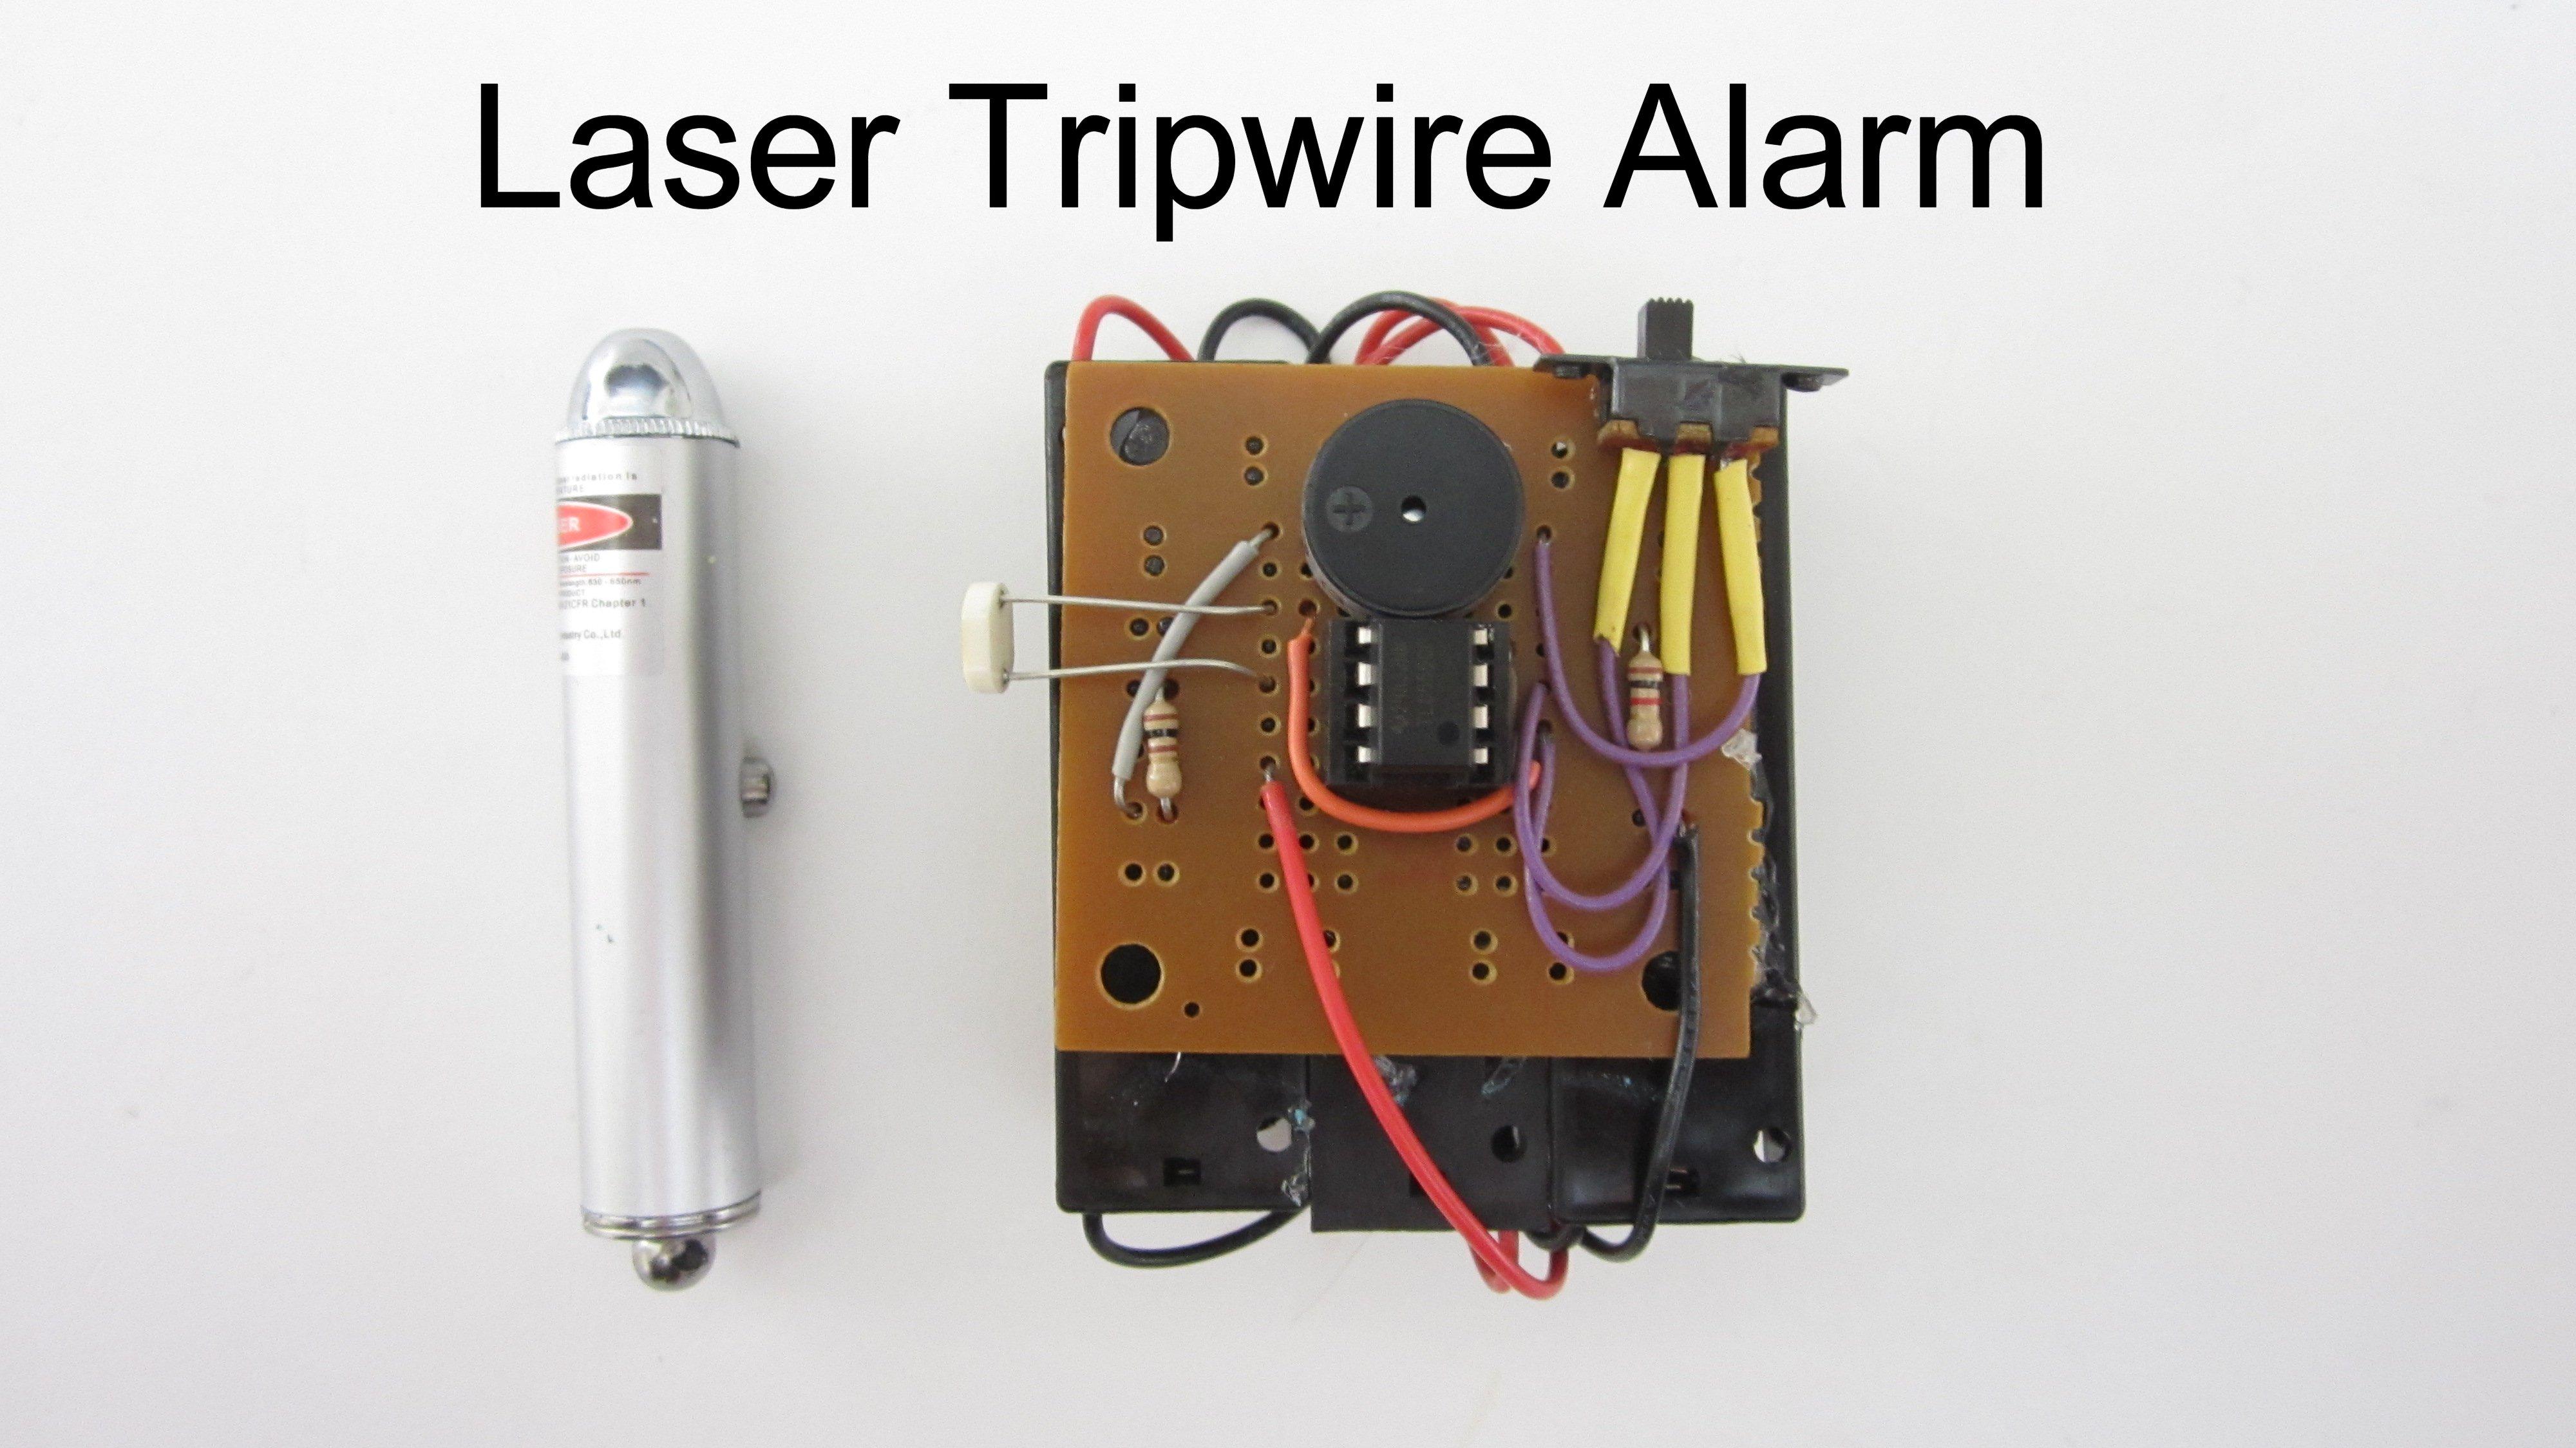 Build A Simple Laser Tripwire Alarm Make Buzzer Beeper Circuit Circuits Caroldoey